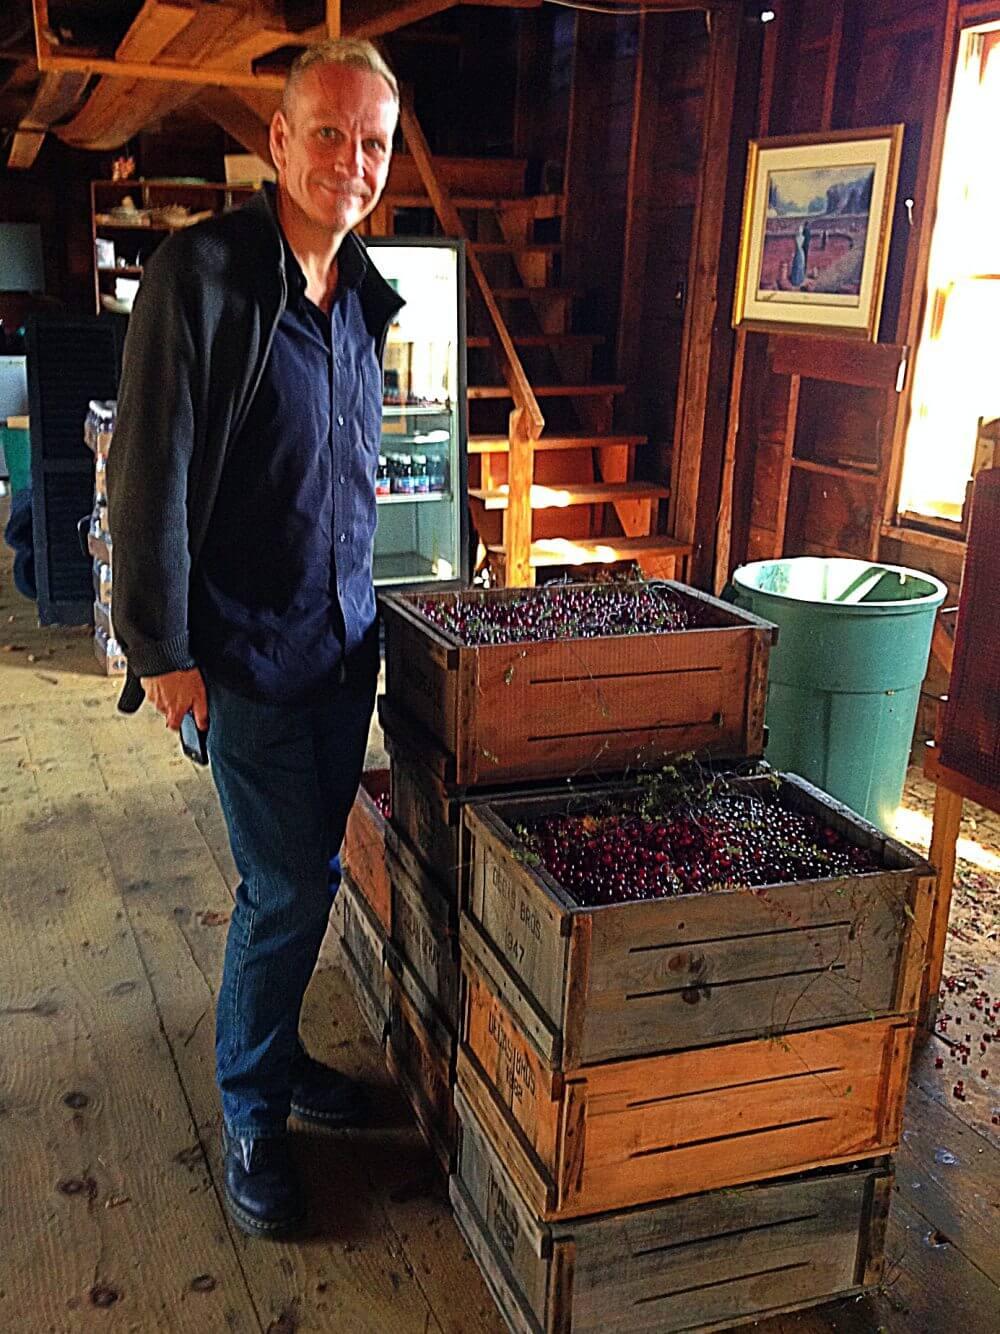 Me at Cranberry farm on cranberry bog tour